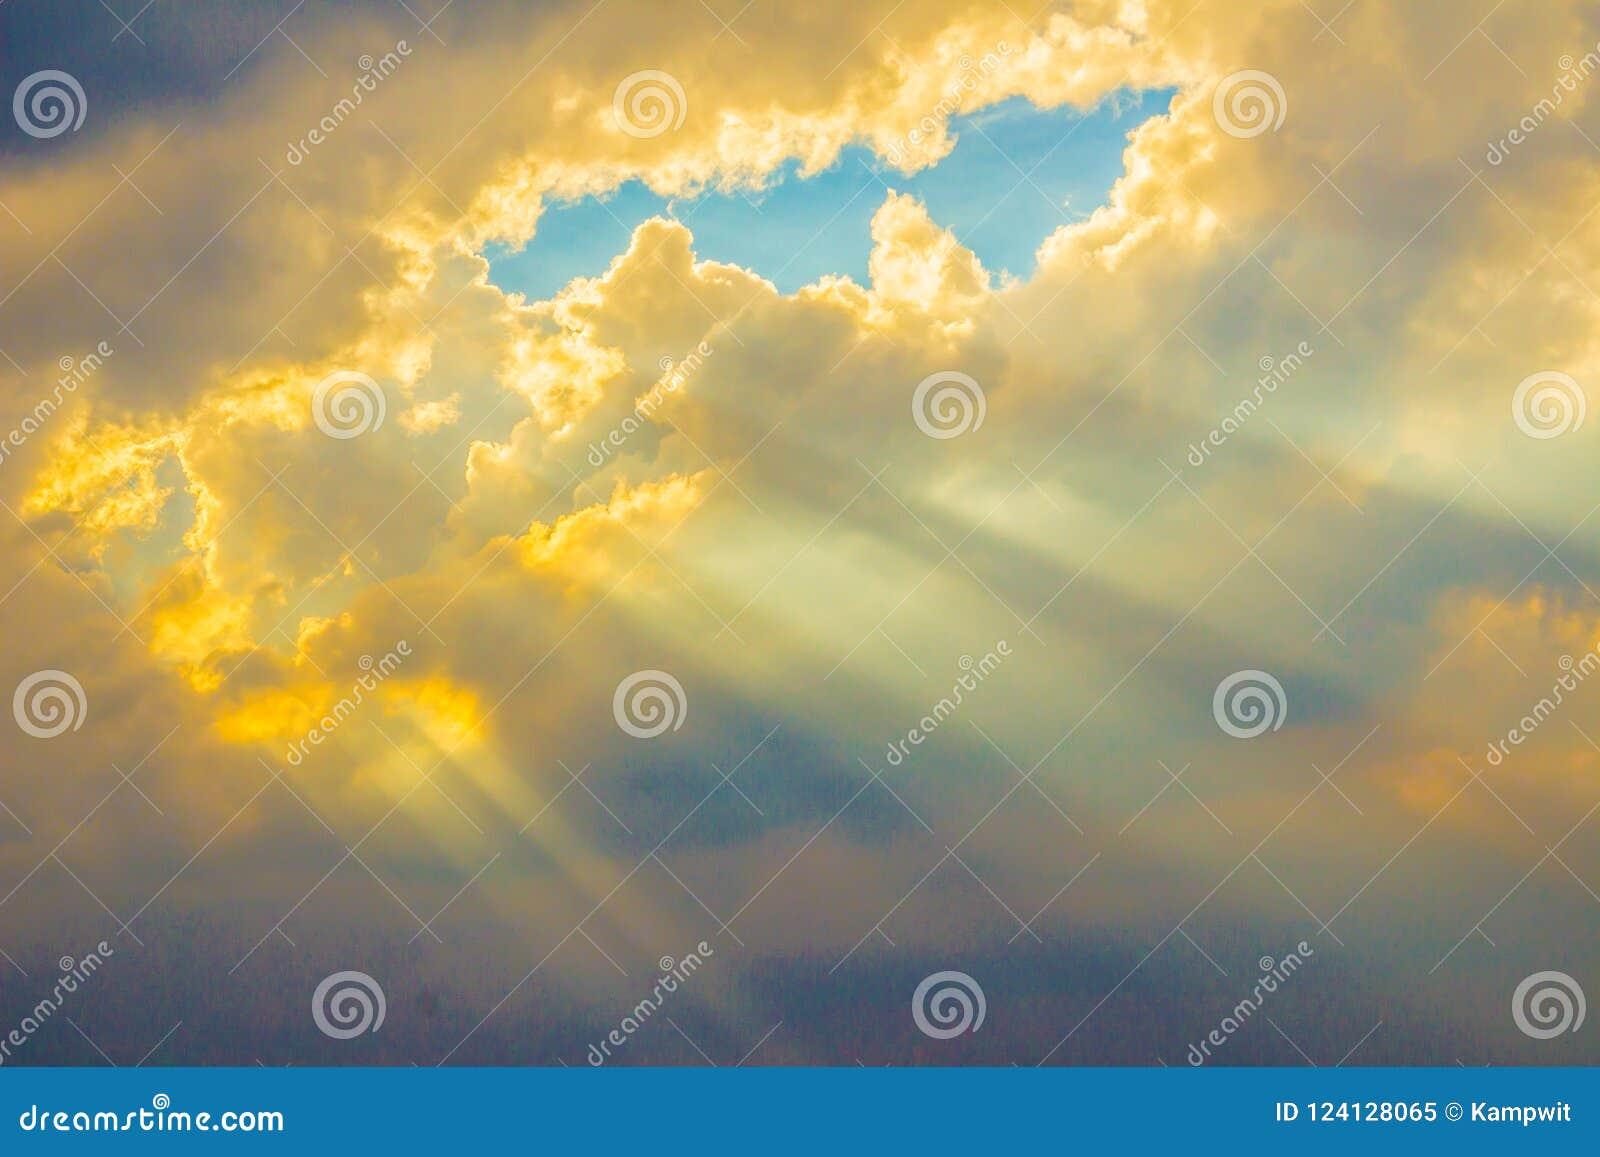 Zonnestraal die door de wolk in de vallei glanzen Avondzonsondergang met zonstralen door de wolken